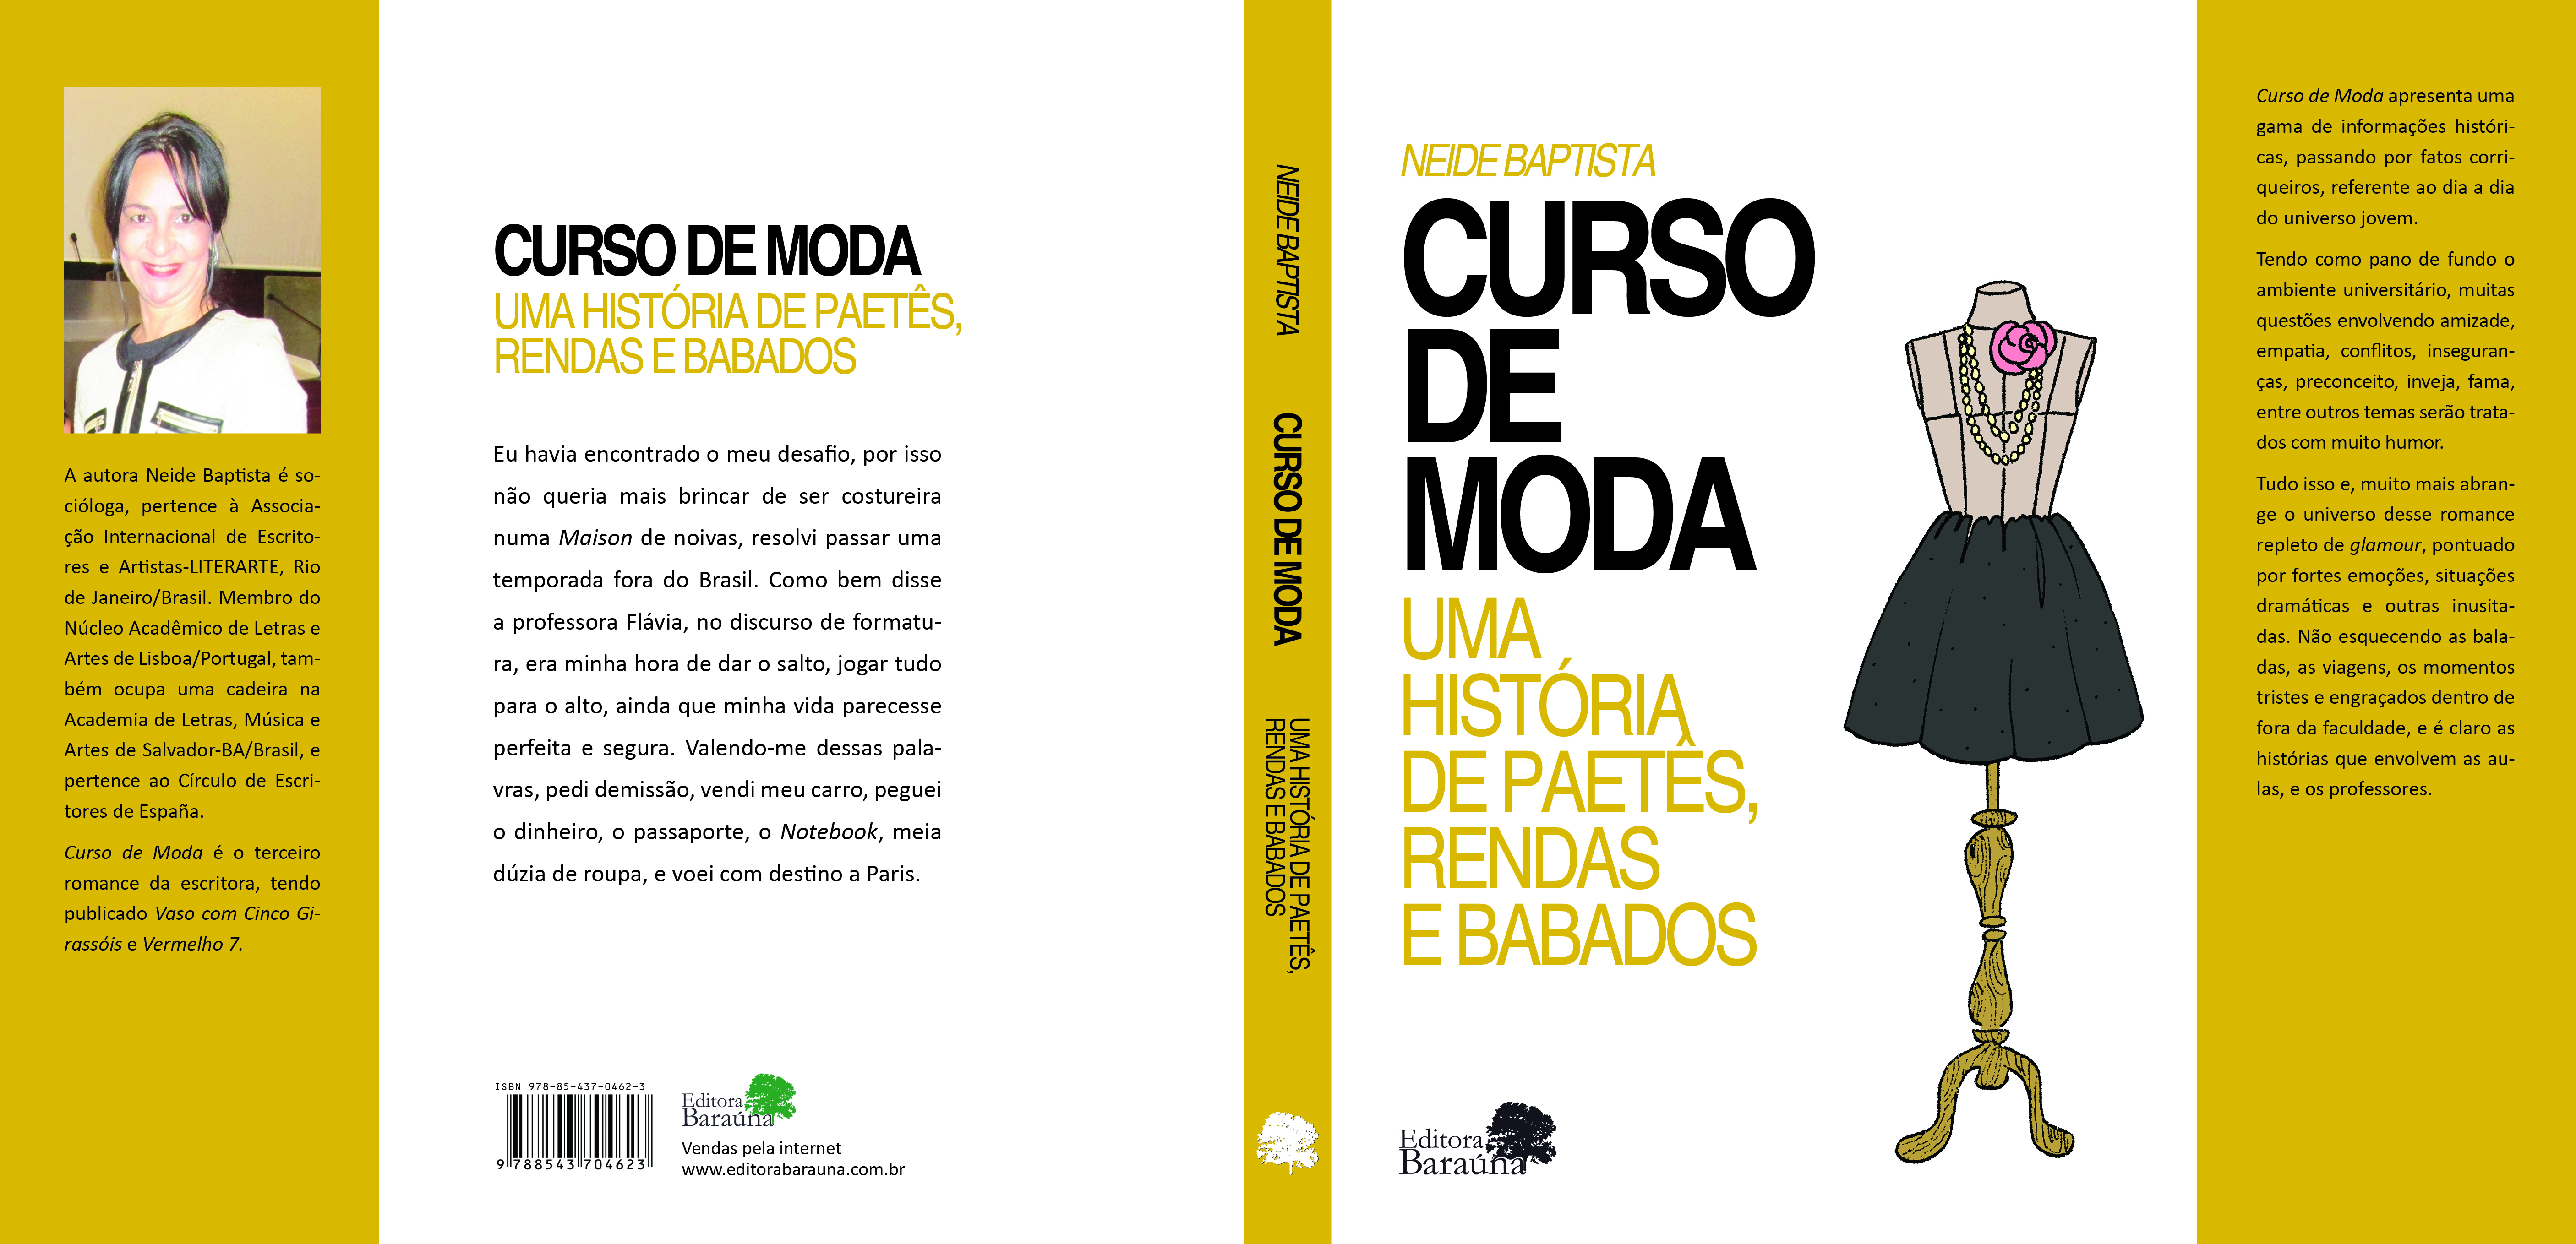 Capa_Curso de moda-16x23_final_autor